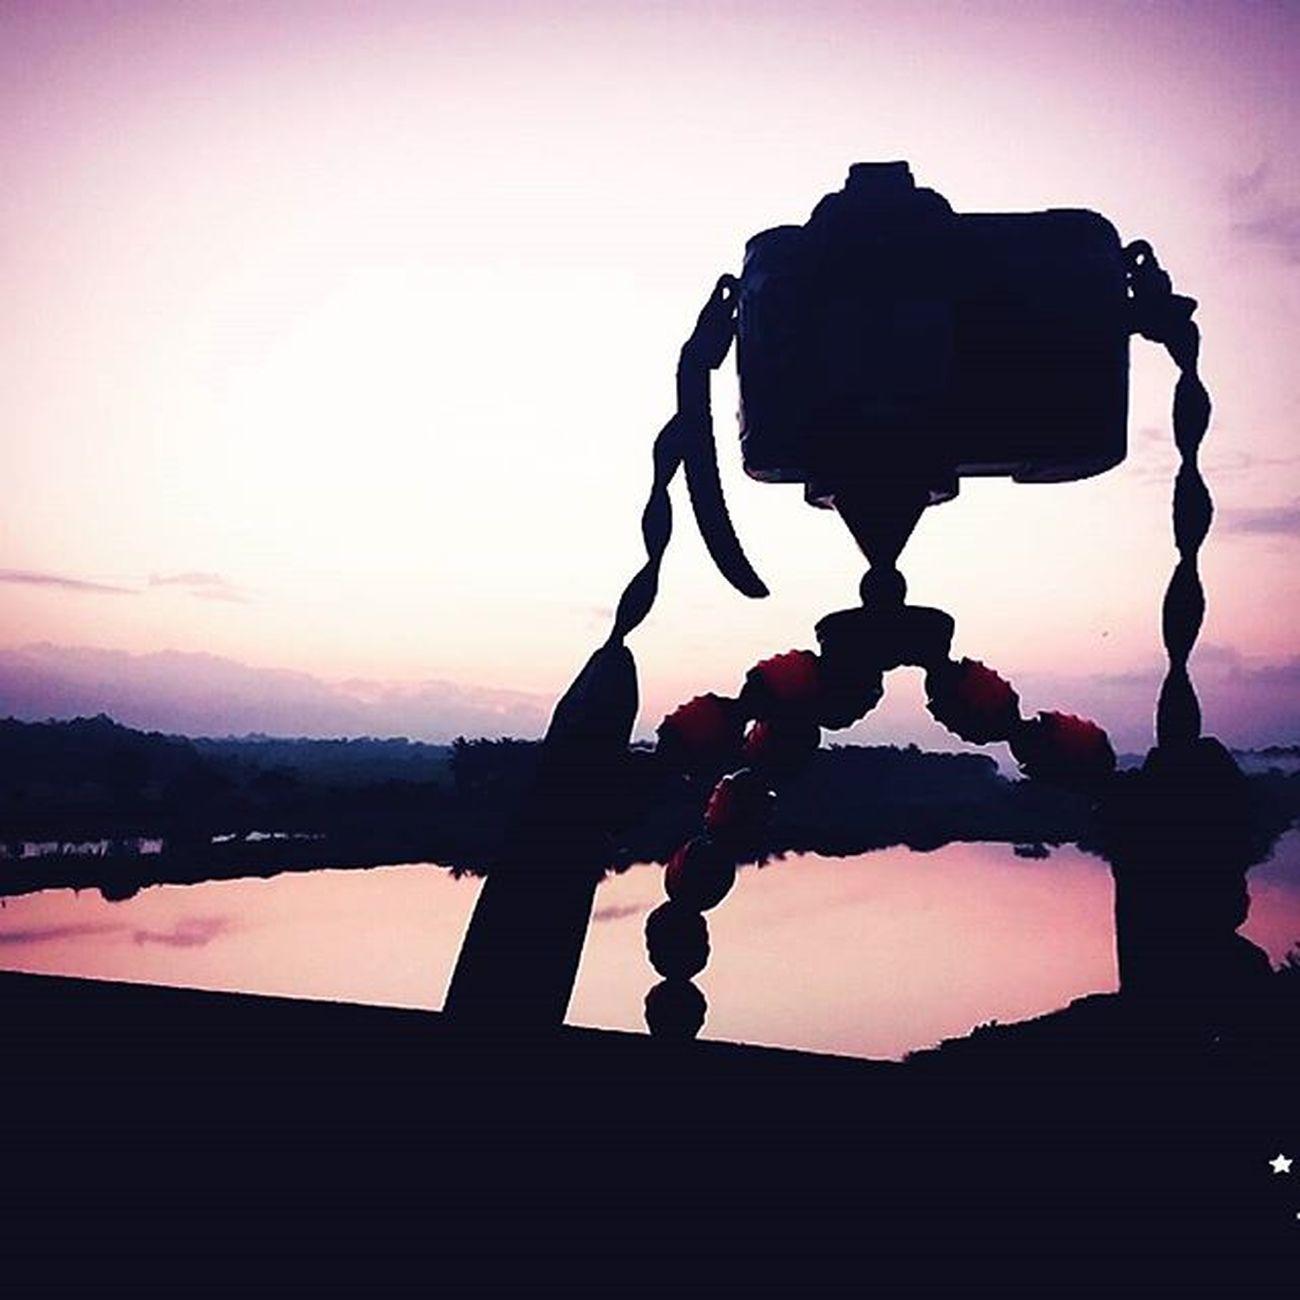 MrngRide Photographyislifee Chilled_mrng Risingsun Hopefull Gorrila_pod D50 B612click